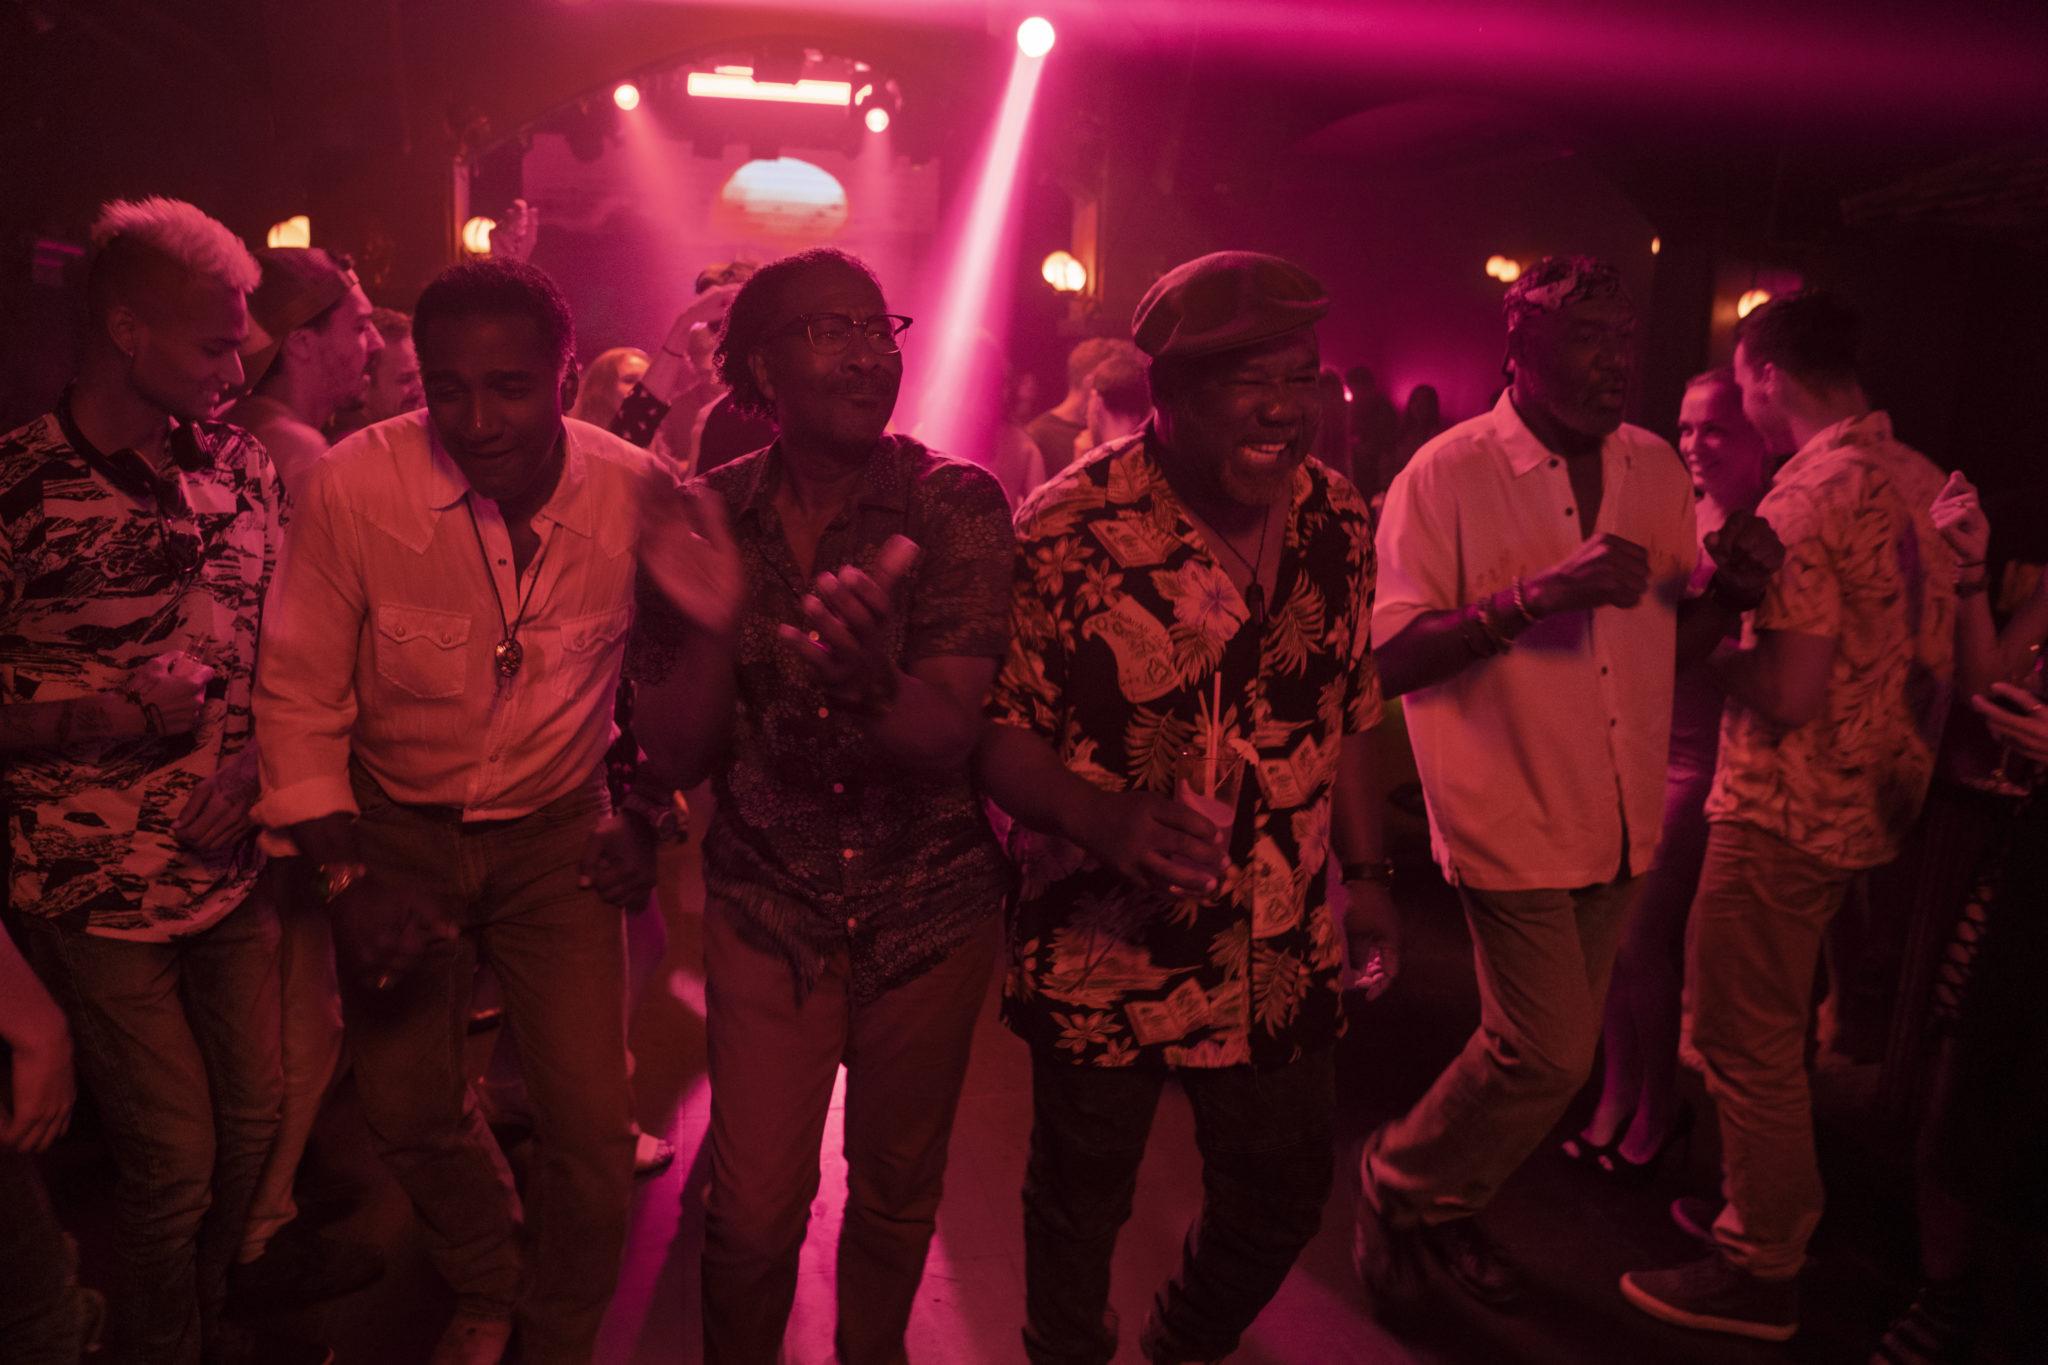 Die gealterten Exsoldaten feiern in einem Club in Vietnam